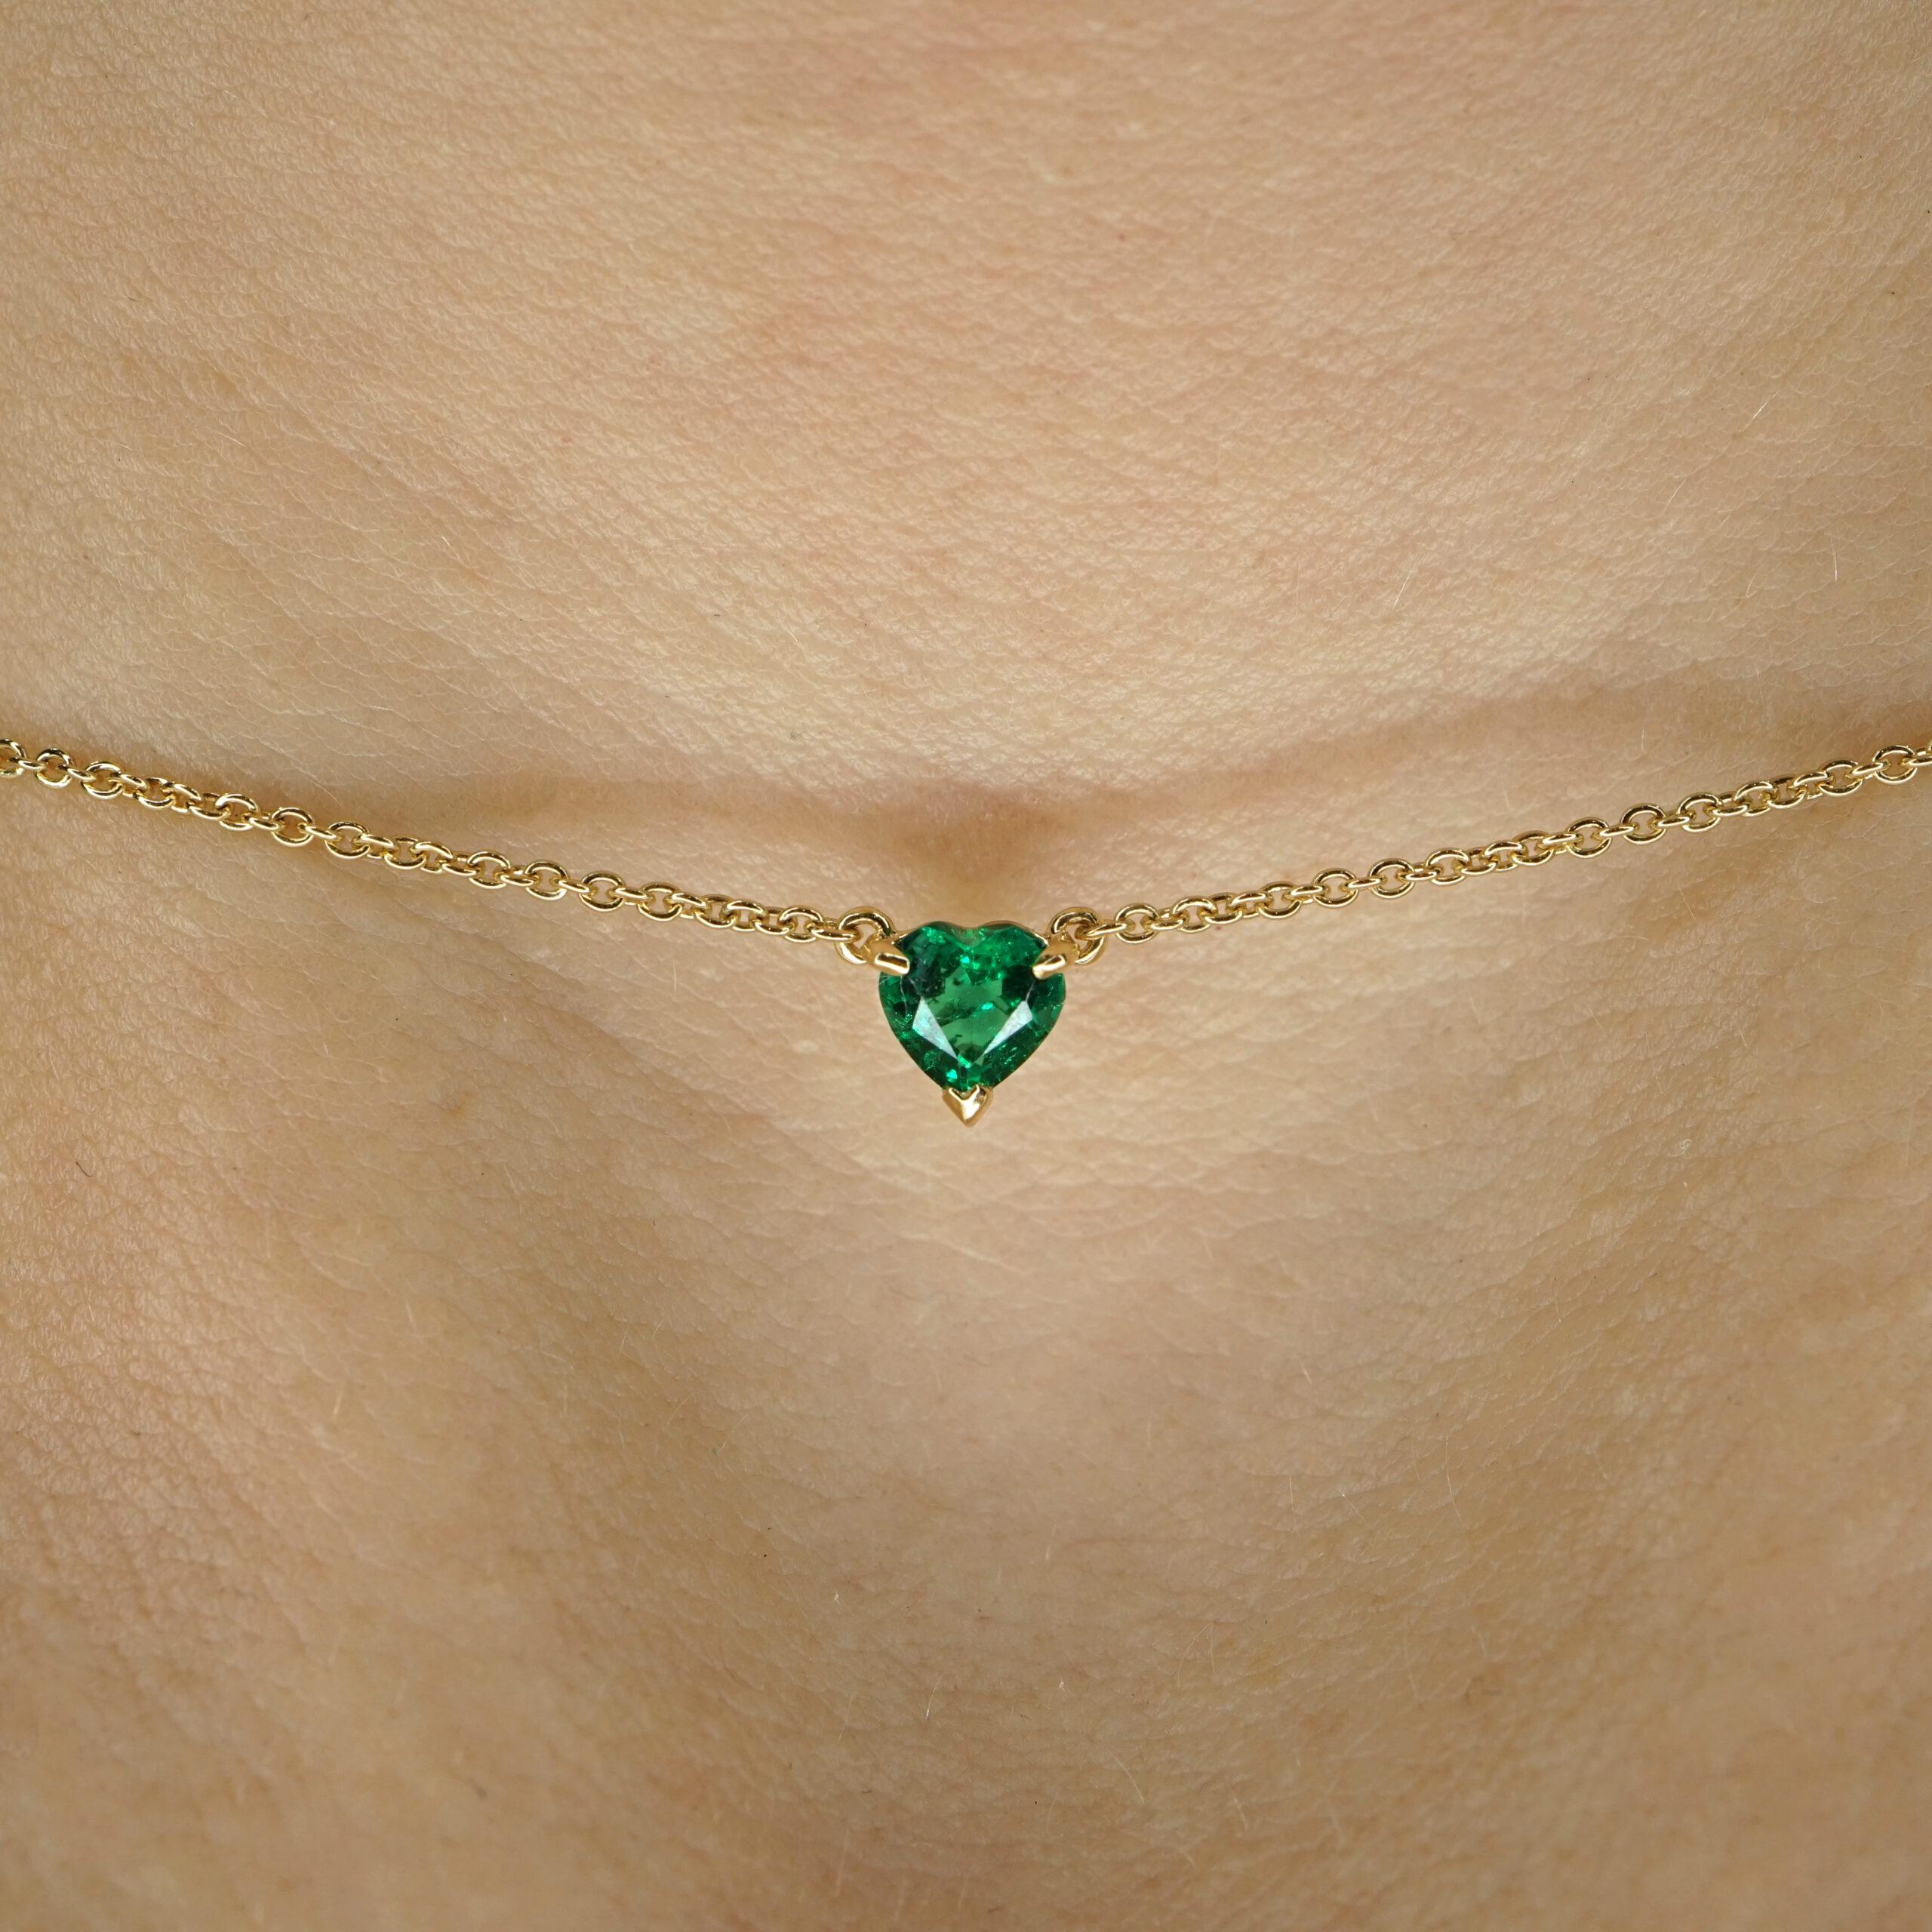 Crivelli - Collana in oro giallo con smeraldo pendente taglio cuore